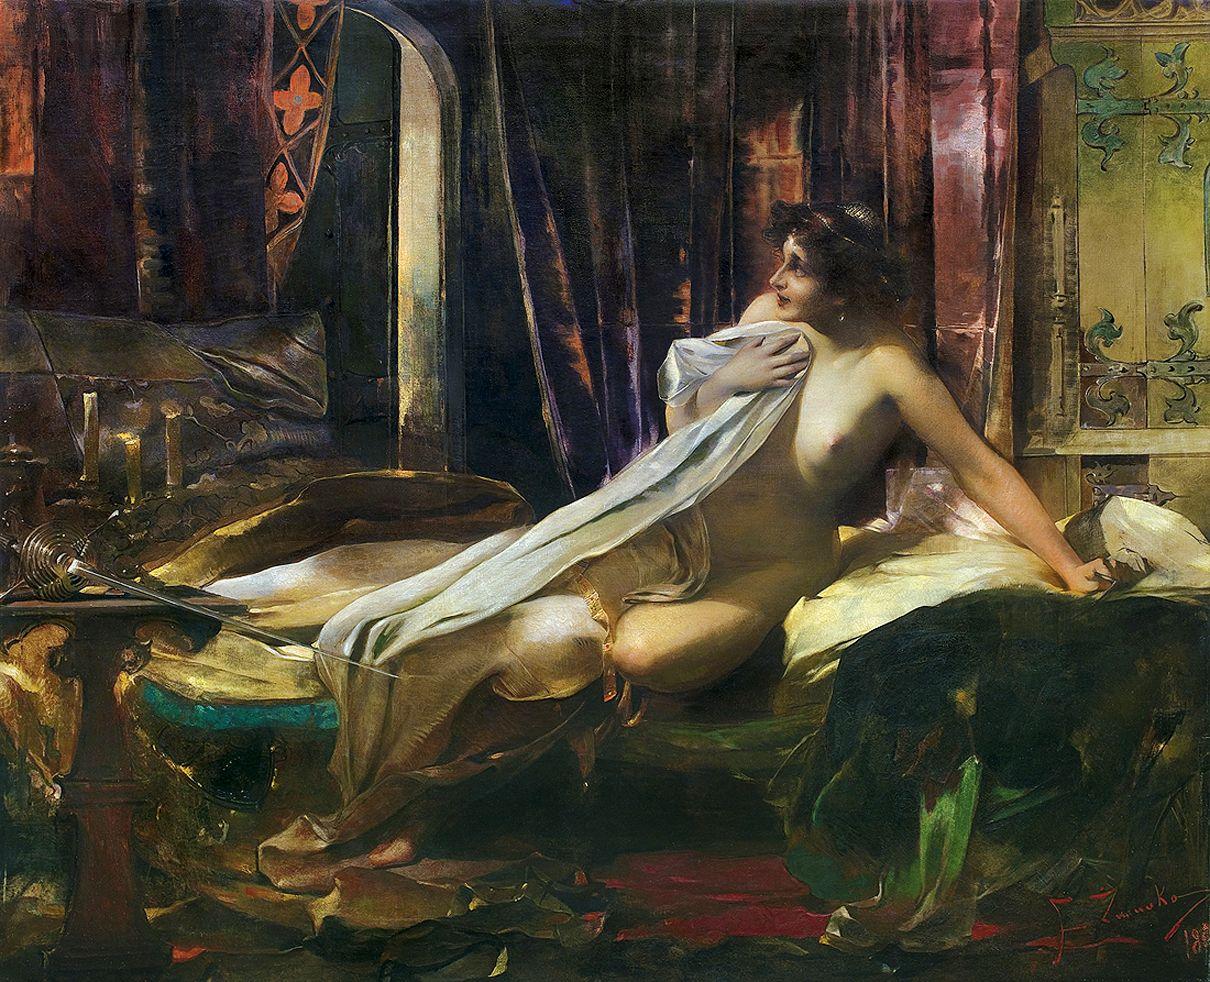 Францішек Жмурко. Право першої ночі, 1892